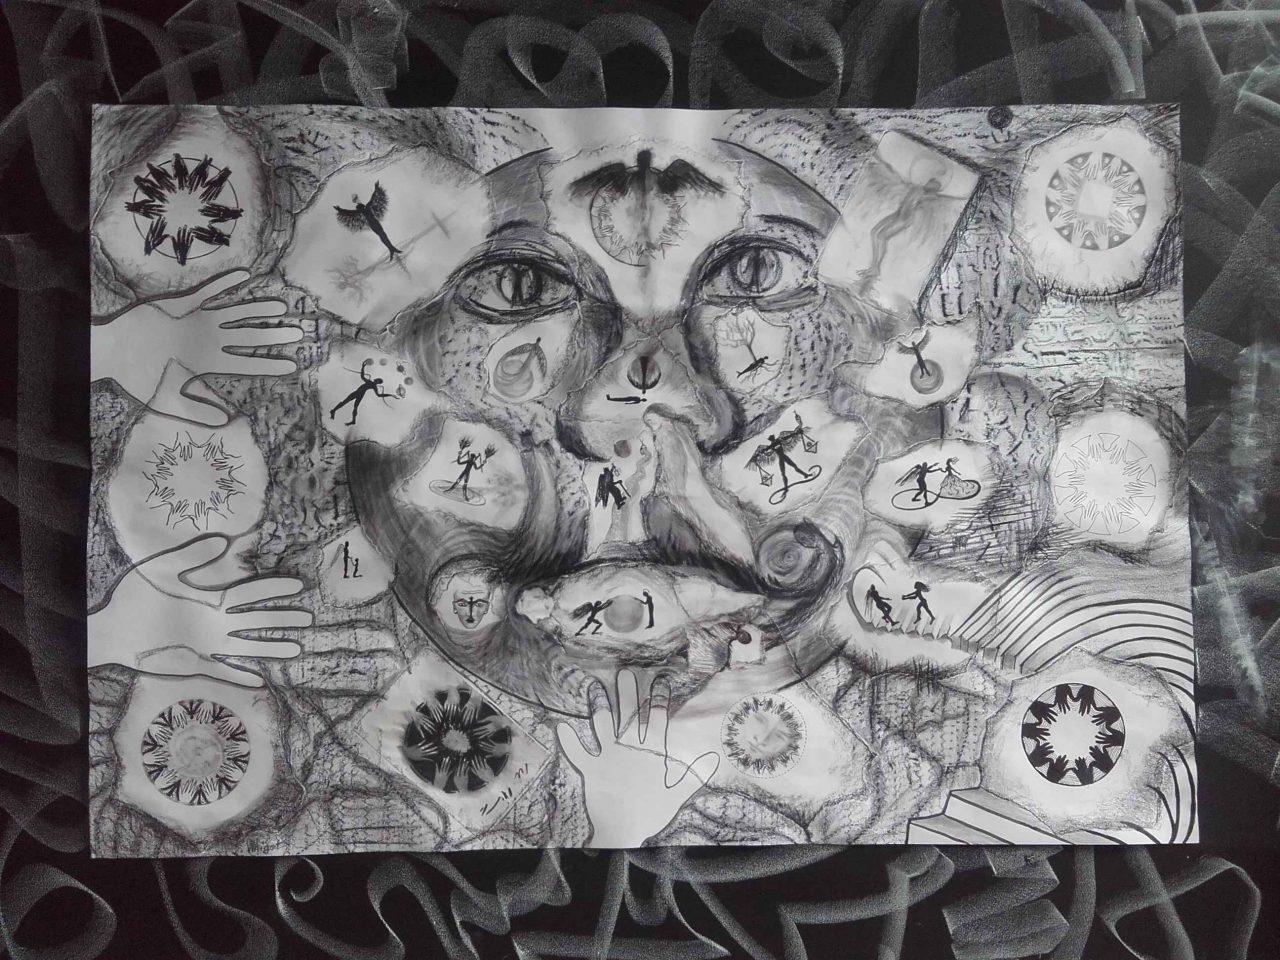 L'Œuvre au noir - Satan spirite par Vinca Migot